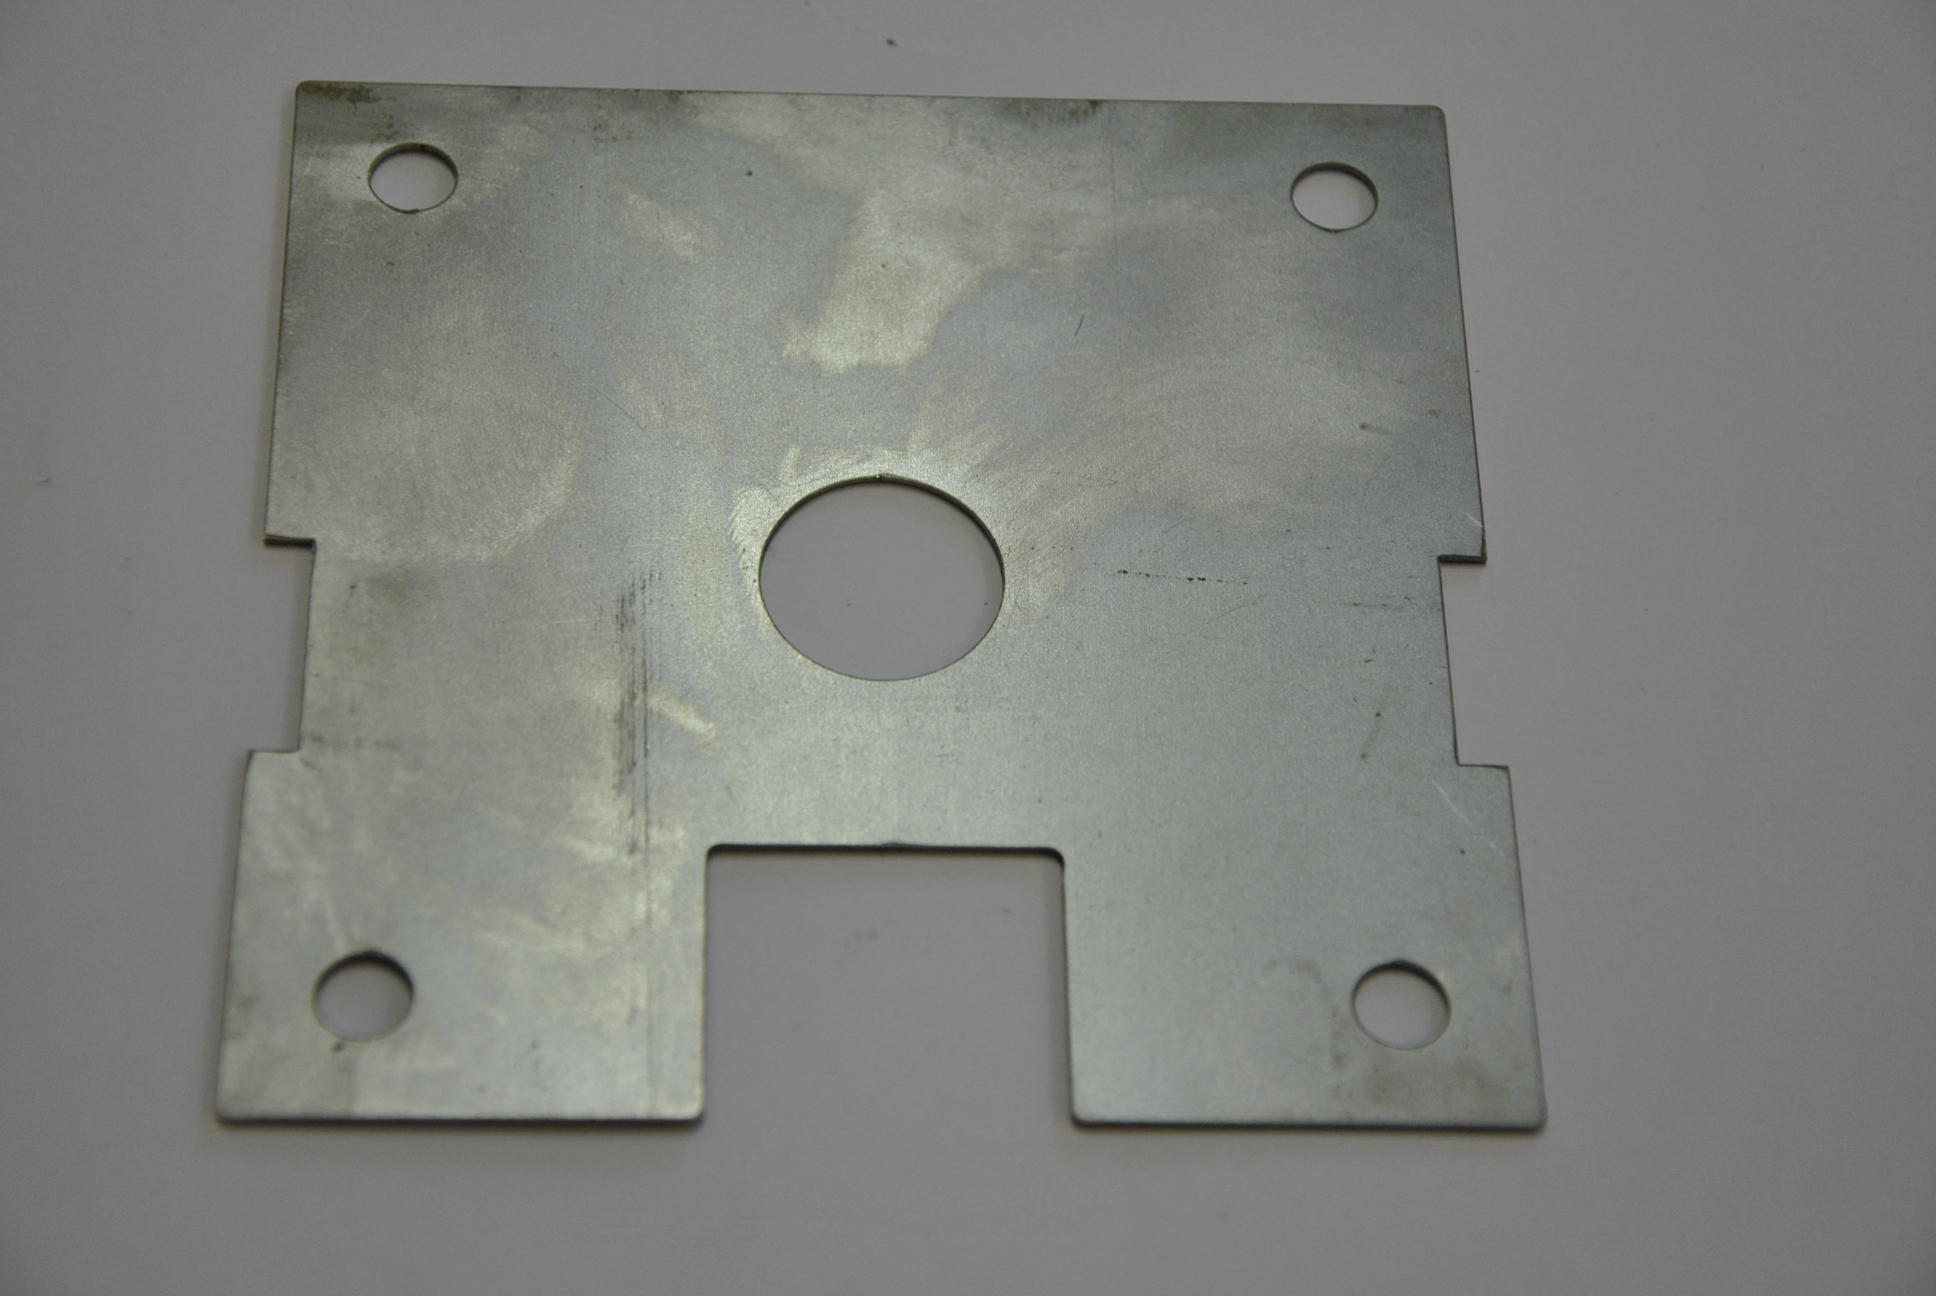 Дистанционная прокладка под пластины скручивающегося устройства